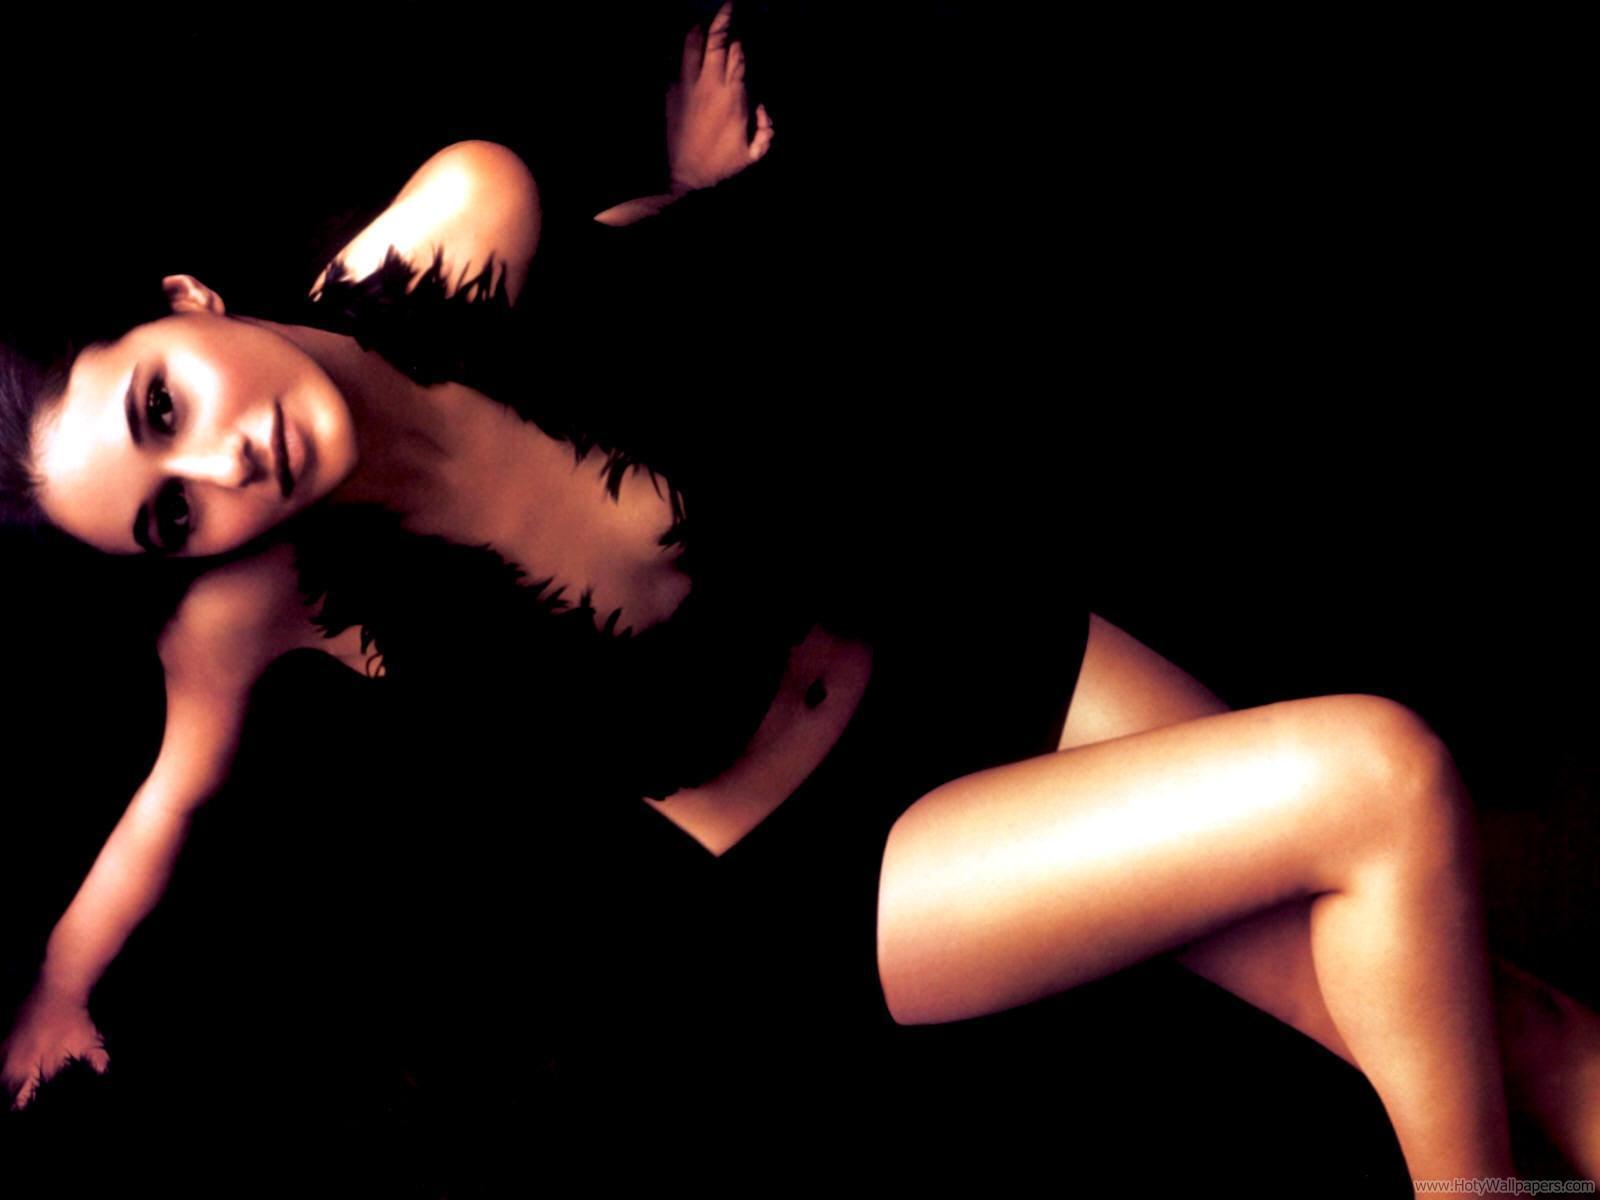 http://4.bp.blogspot.com/-4mvuB5IxngA/Tt96RH6-SxI/AAAAAAAACgY/WUvEhLP8S0U/s1600/emmanuelle_chriqui_hq_wallpaper.jpg